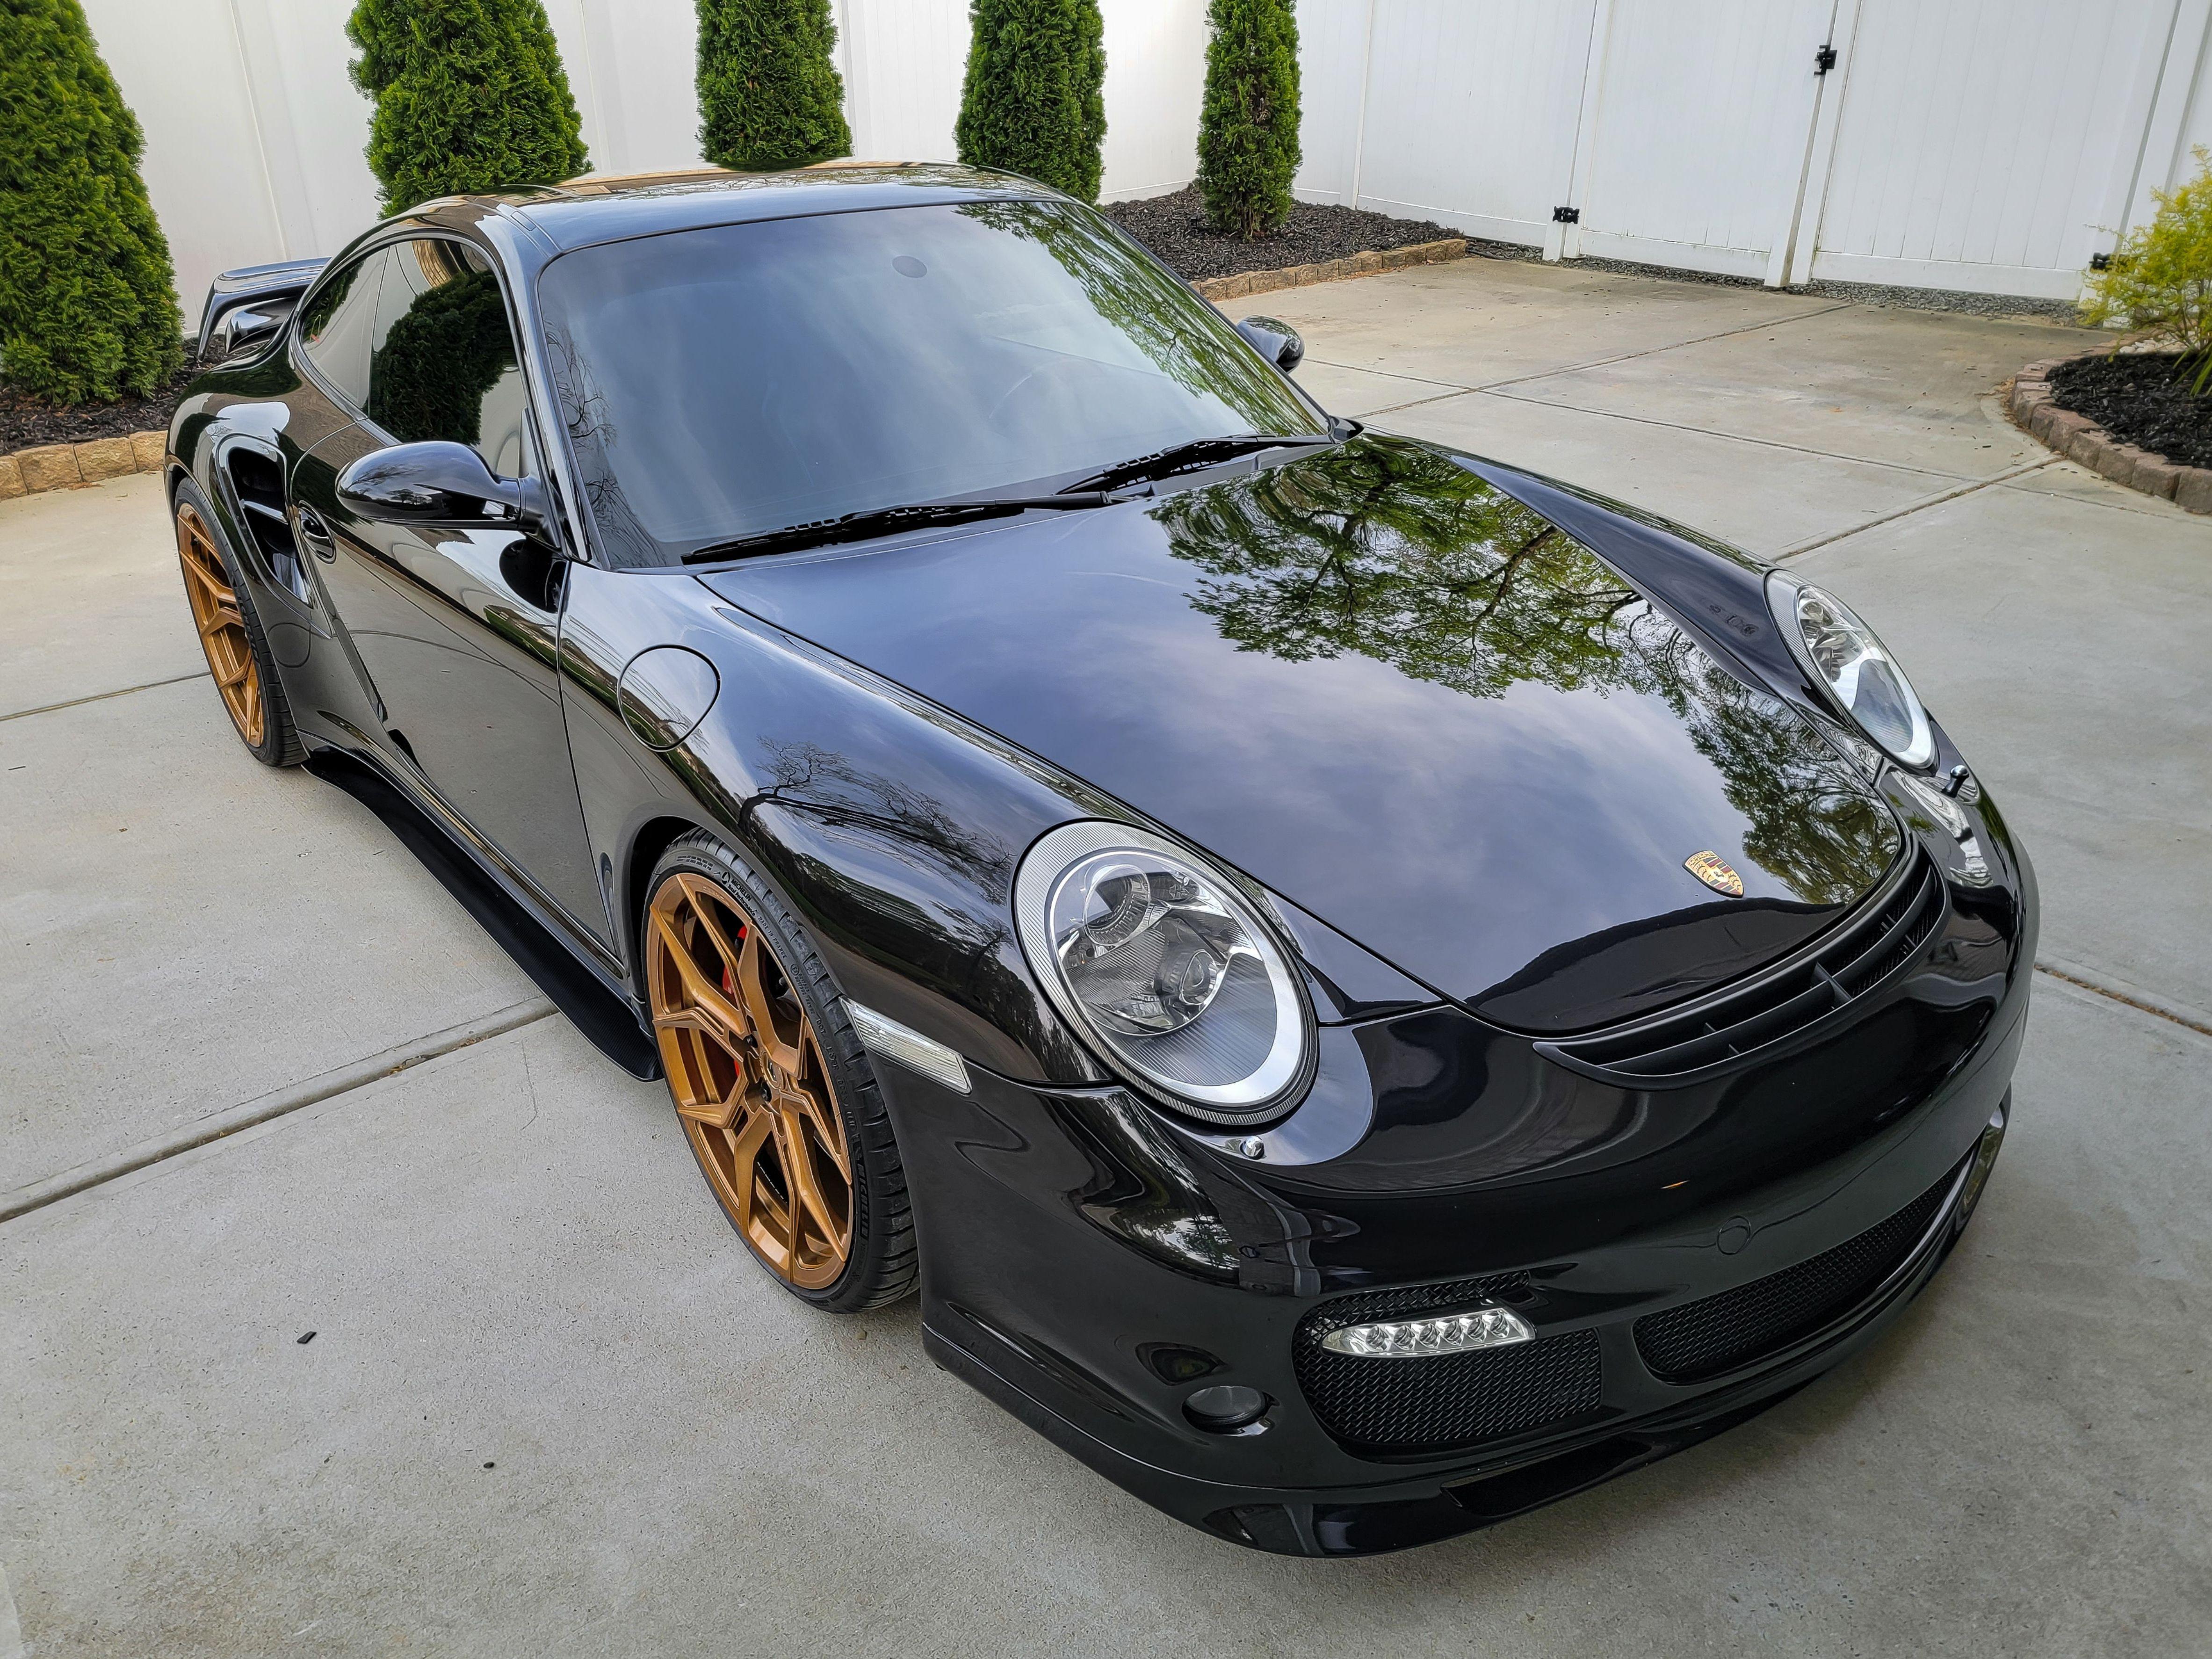 2007 Porsche 997 Turbo 6-Speed